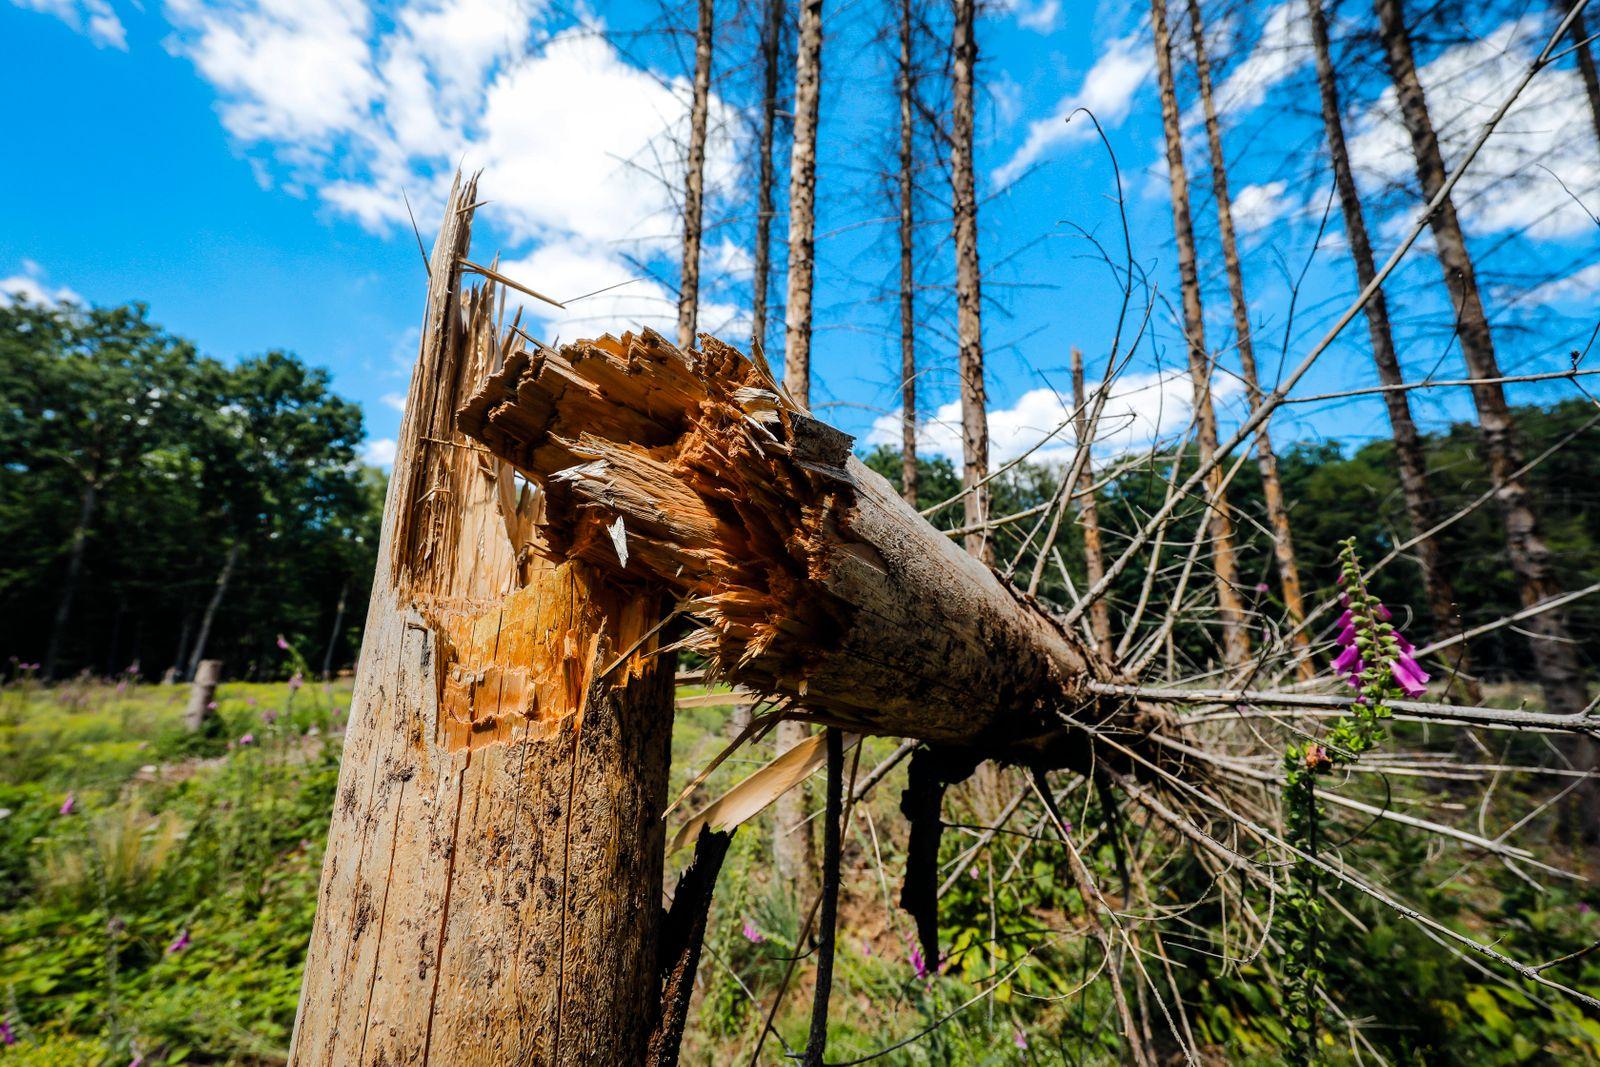 Bonn, Nordrhein-Westfalen, Deutschland - Waldsterben im Kottenforst, Trockenheit und Borkenk?fer sch?digen die Fichtenb